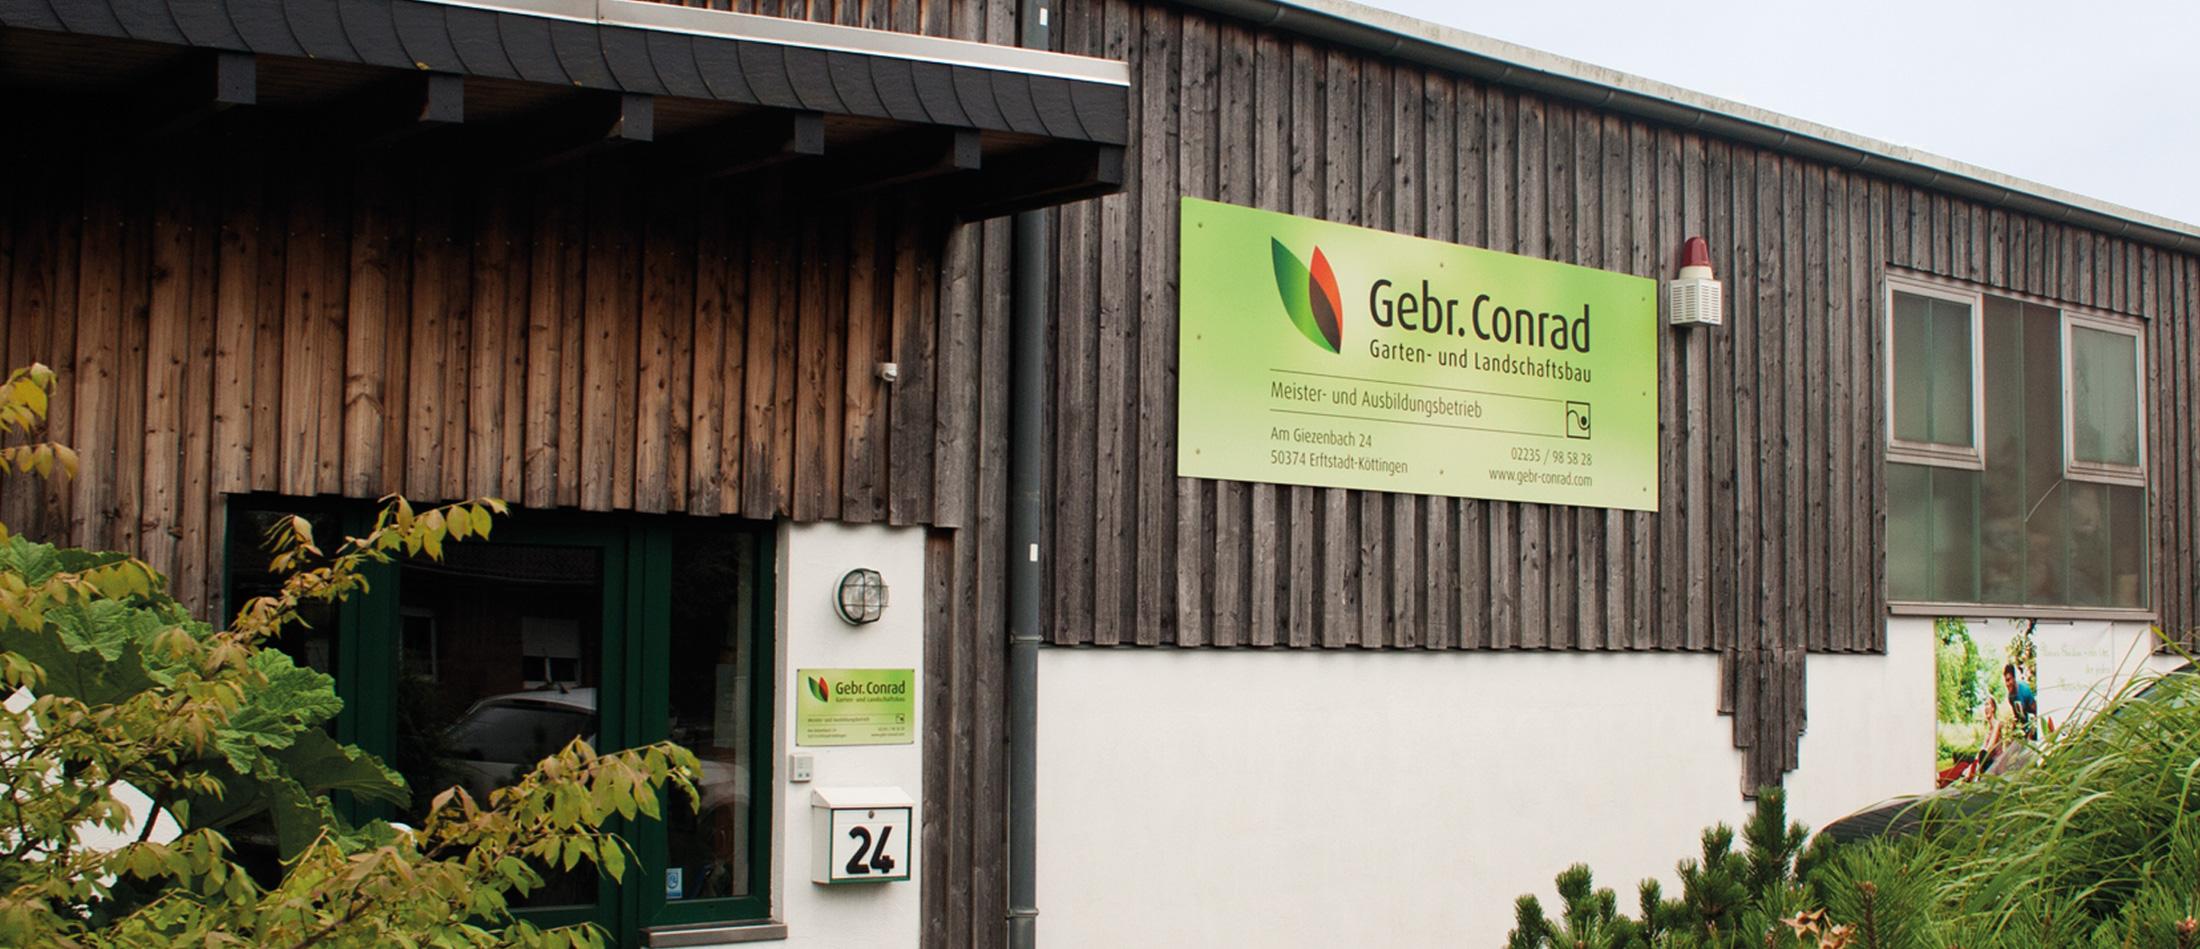 Gebr. Conrad Garten- und Landschaftsbau, Erftstadt, Köln